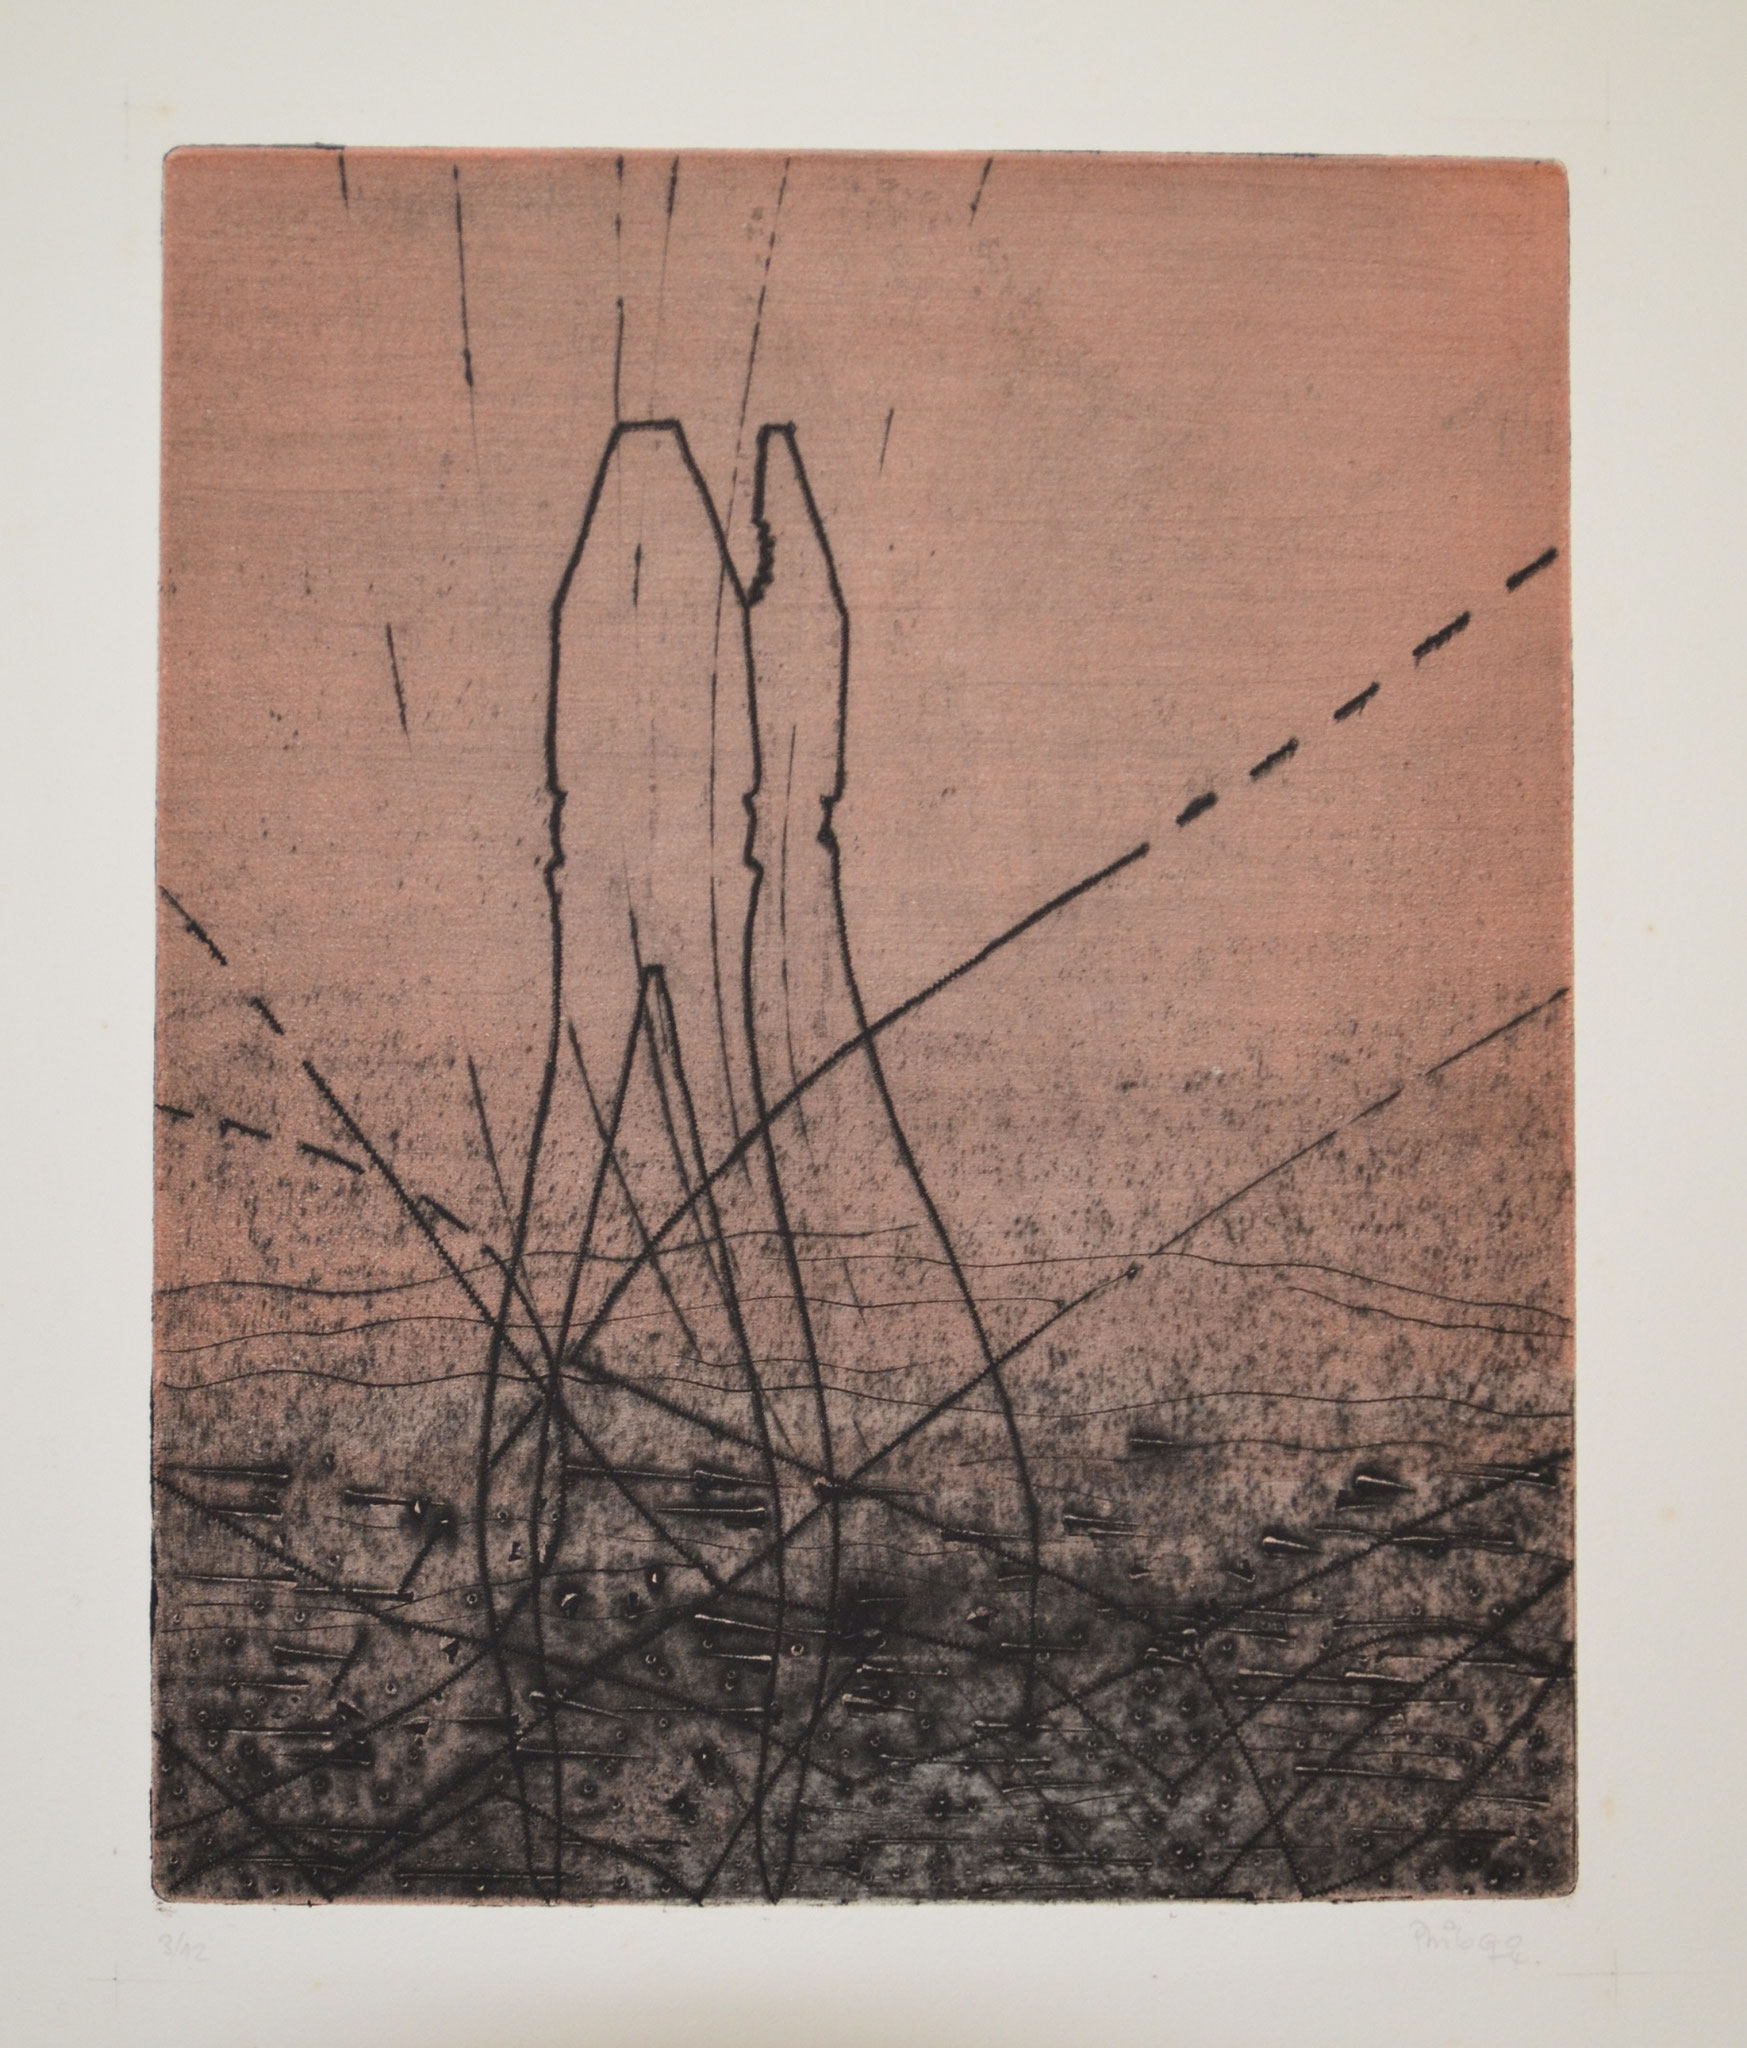 Duo gravure 56x45cm 1973